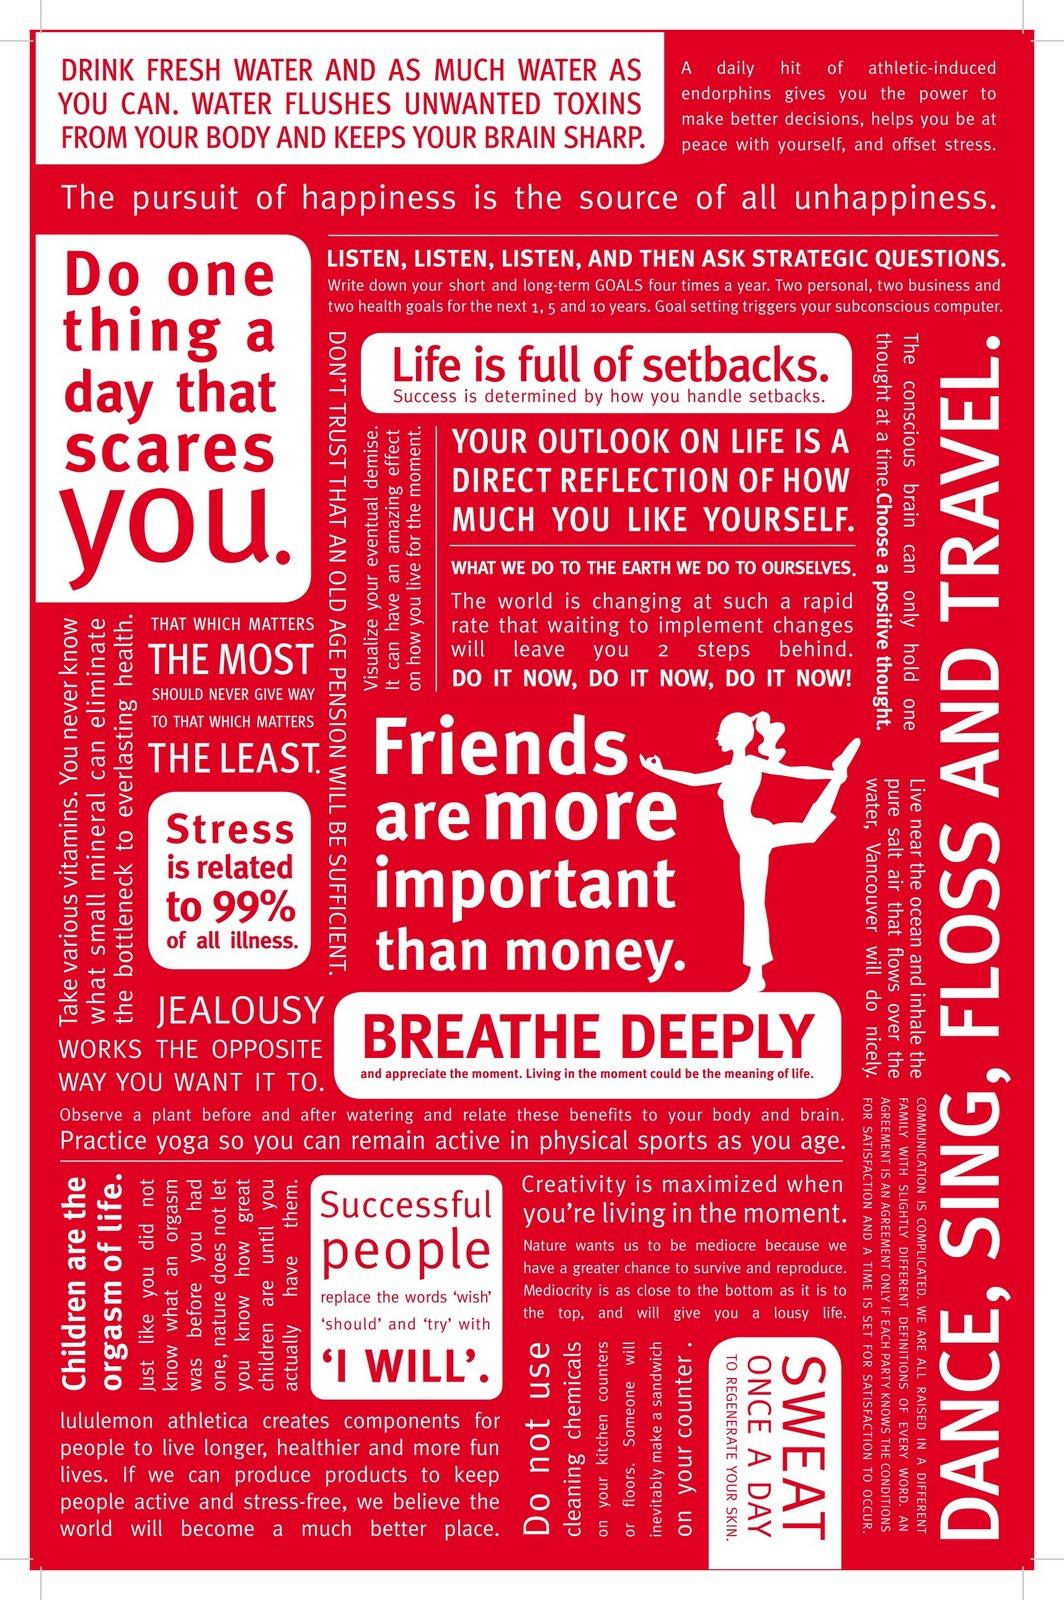 http://3.bp.blogspot.com/_iWJrR_eVeW8/TE8zskbT8rI/AAAAAAAAAQU/qEvuKNiA-3E/s1600/manifesto_poster.jpg